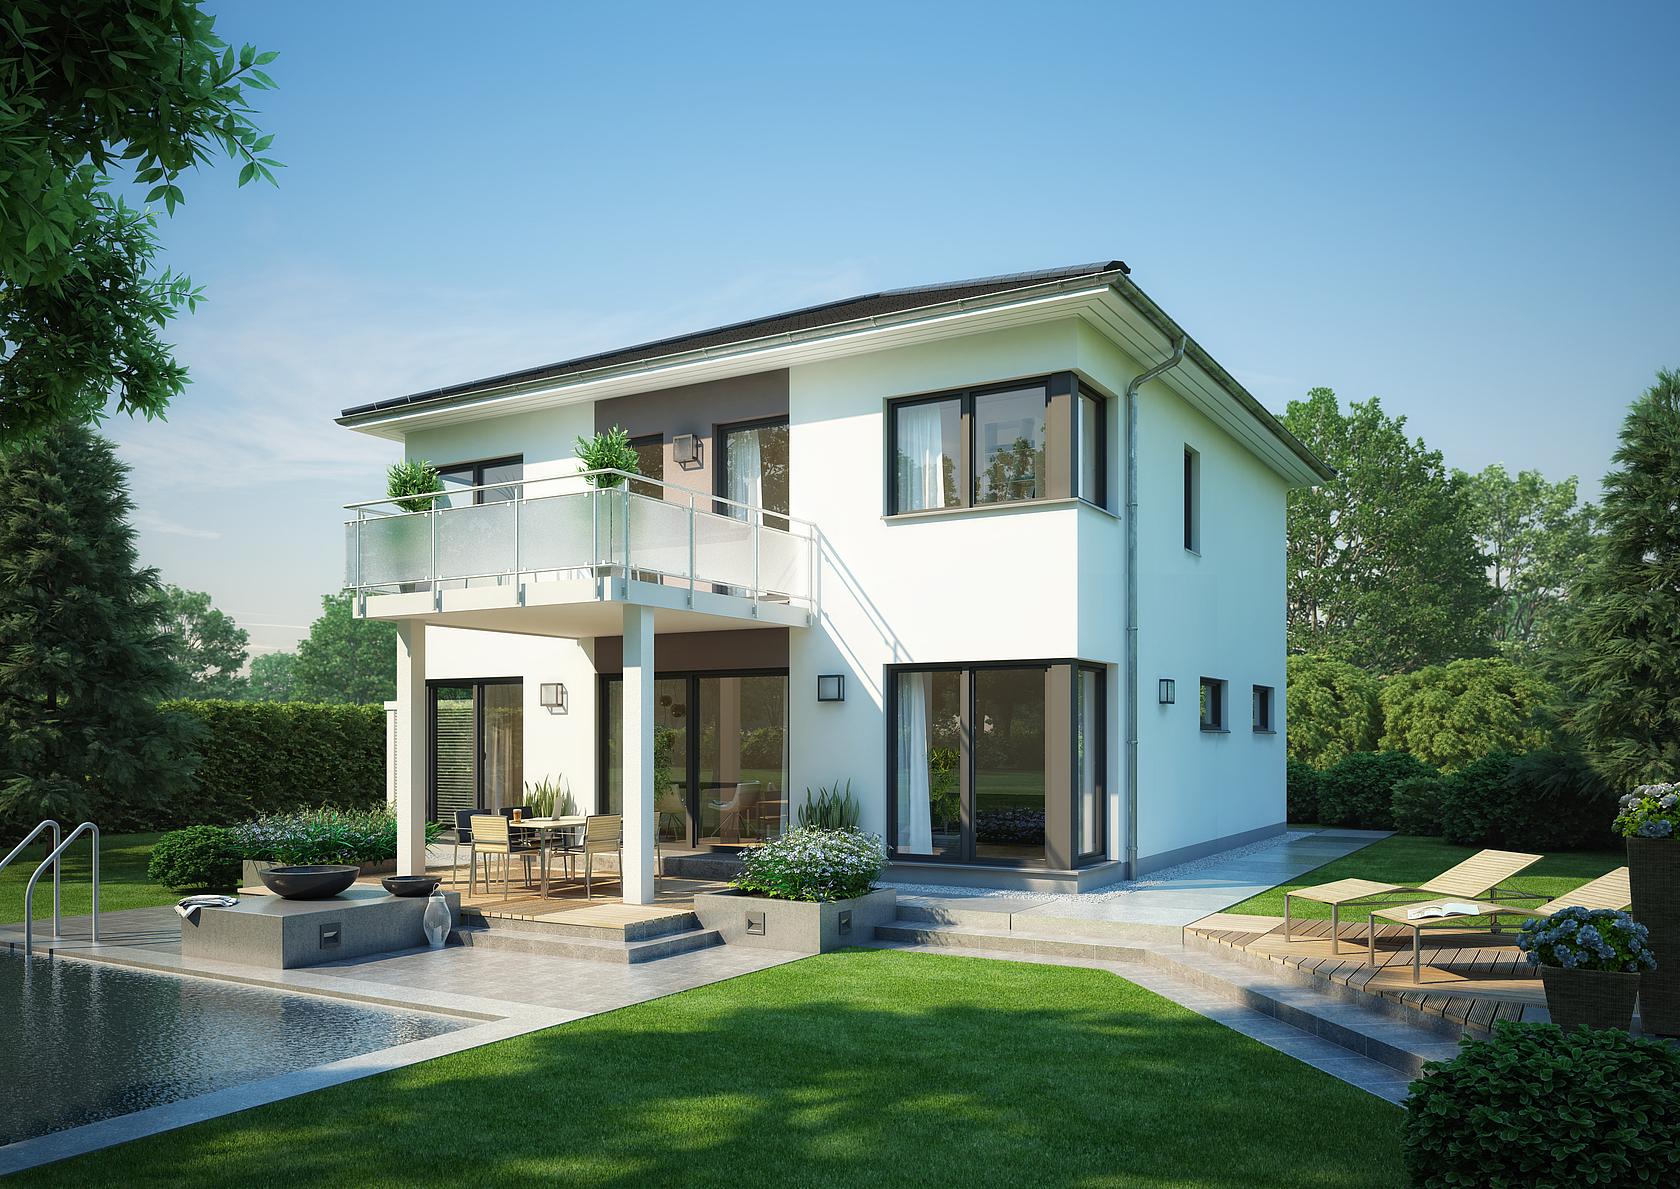 Stadtvilla centro von kern haus 4 schlafzimmer f r familien for Hausbau bilder